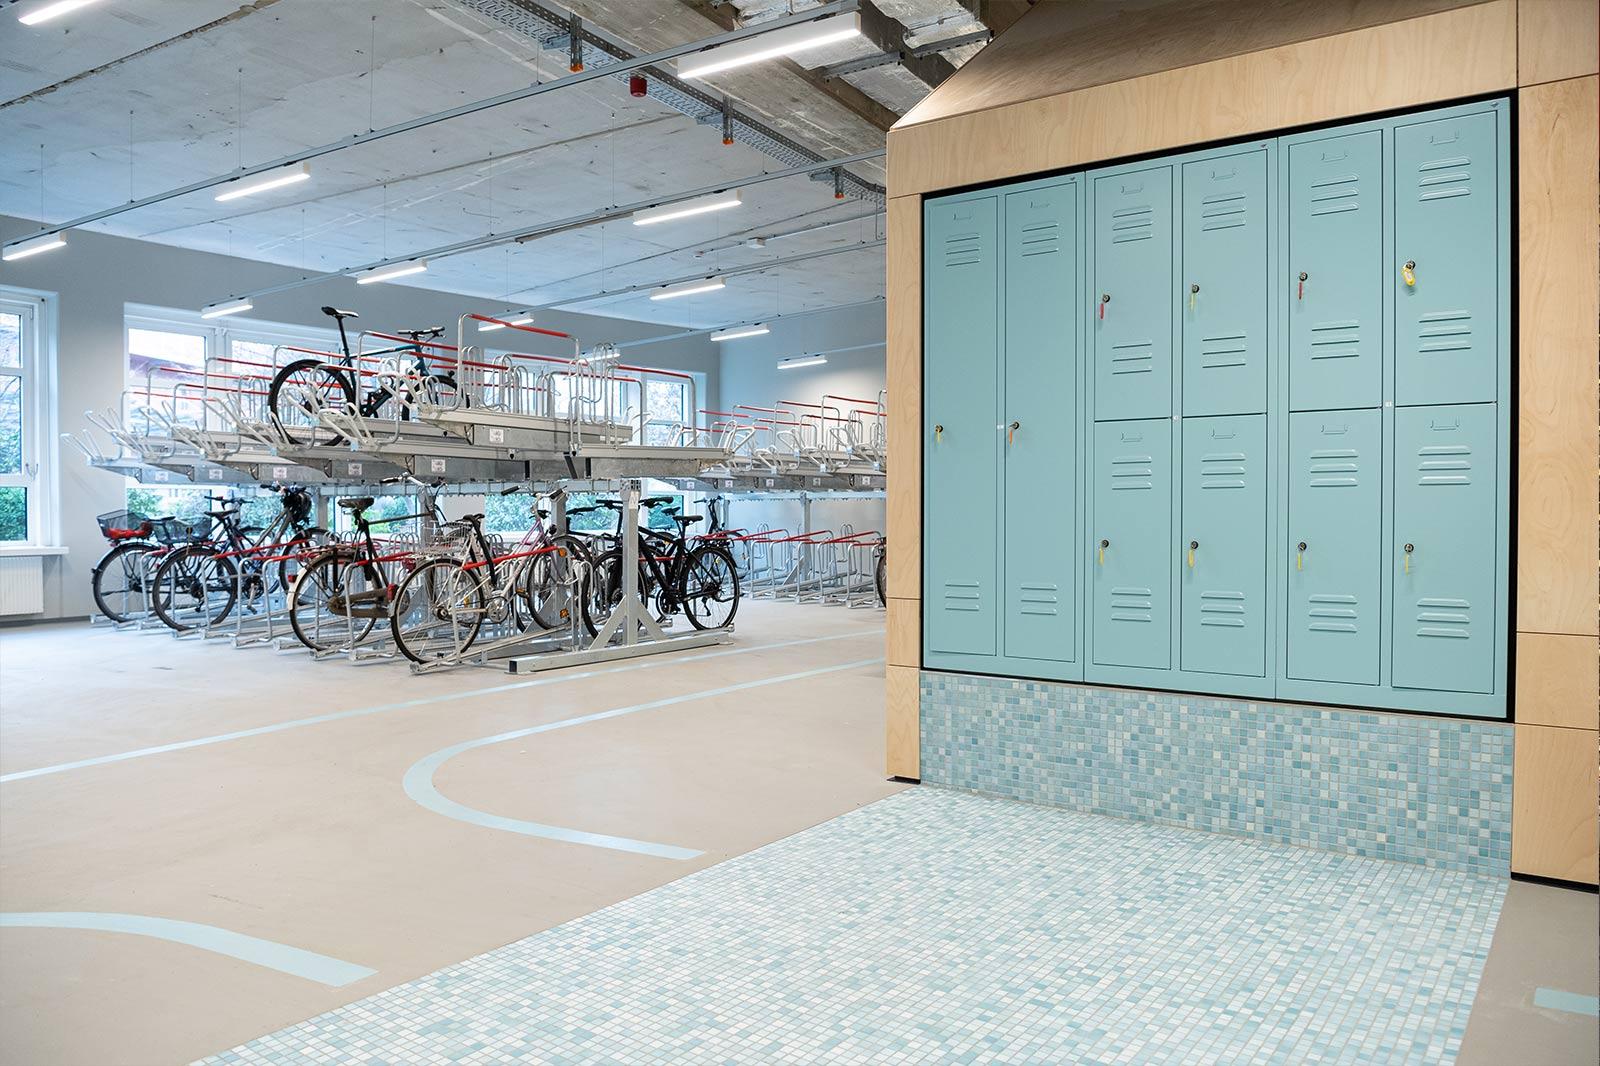 Fahrradparkhaus von innen mit Rädern auf zwei Etagen und blauen Spinden.